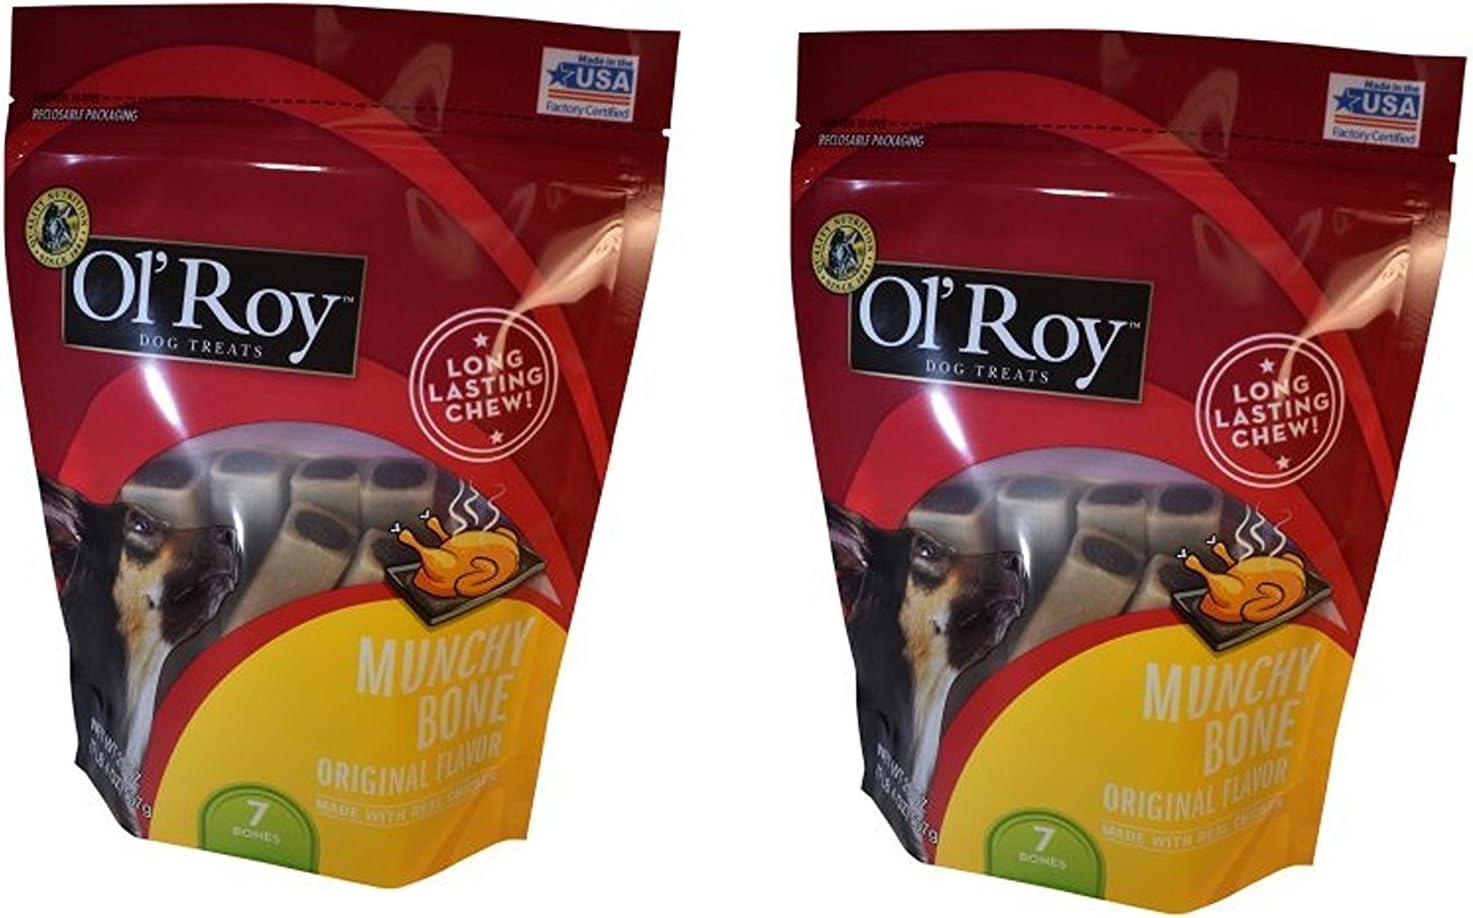 Ol' Roy Muncy bones with chicken 20oz 2 pack